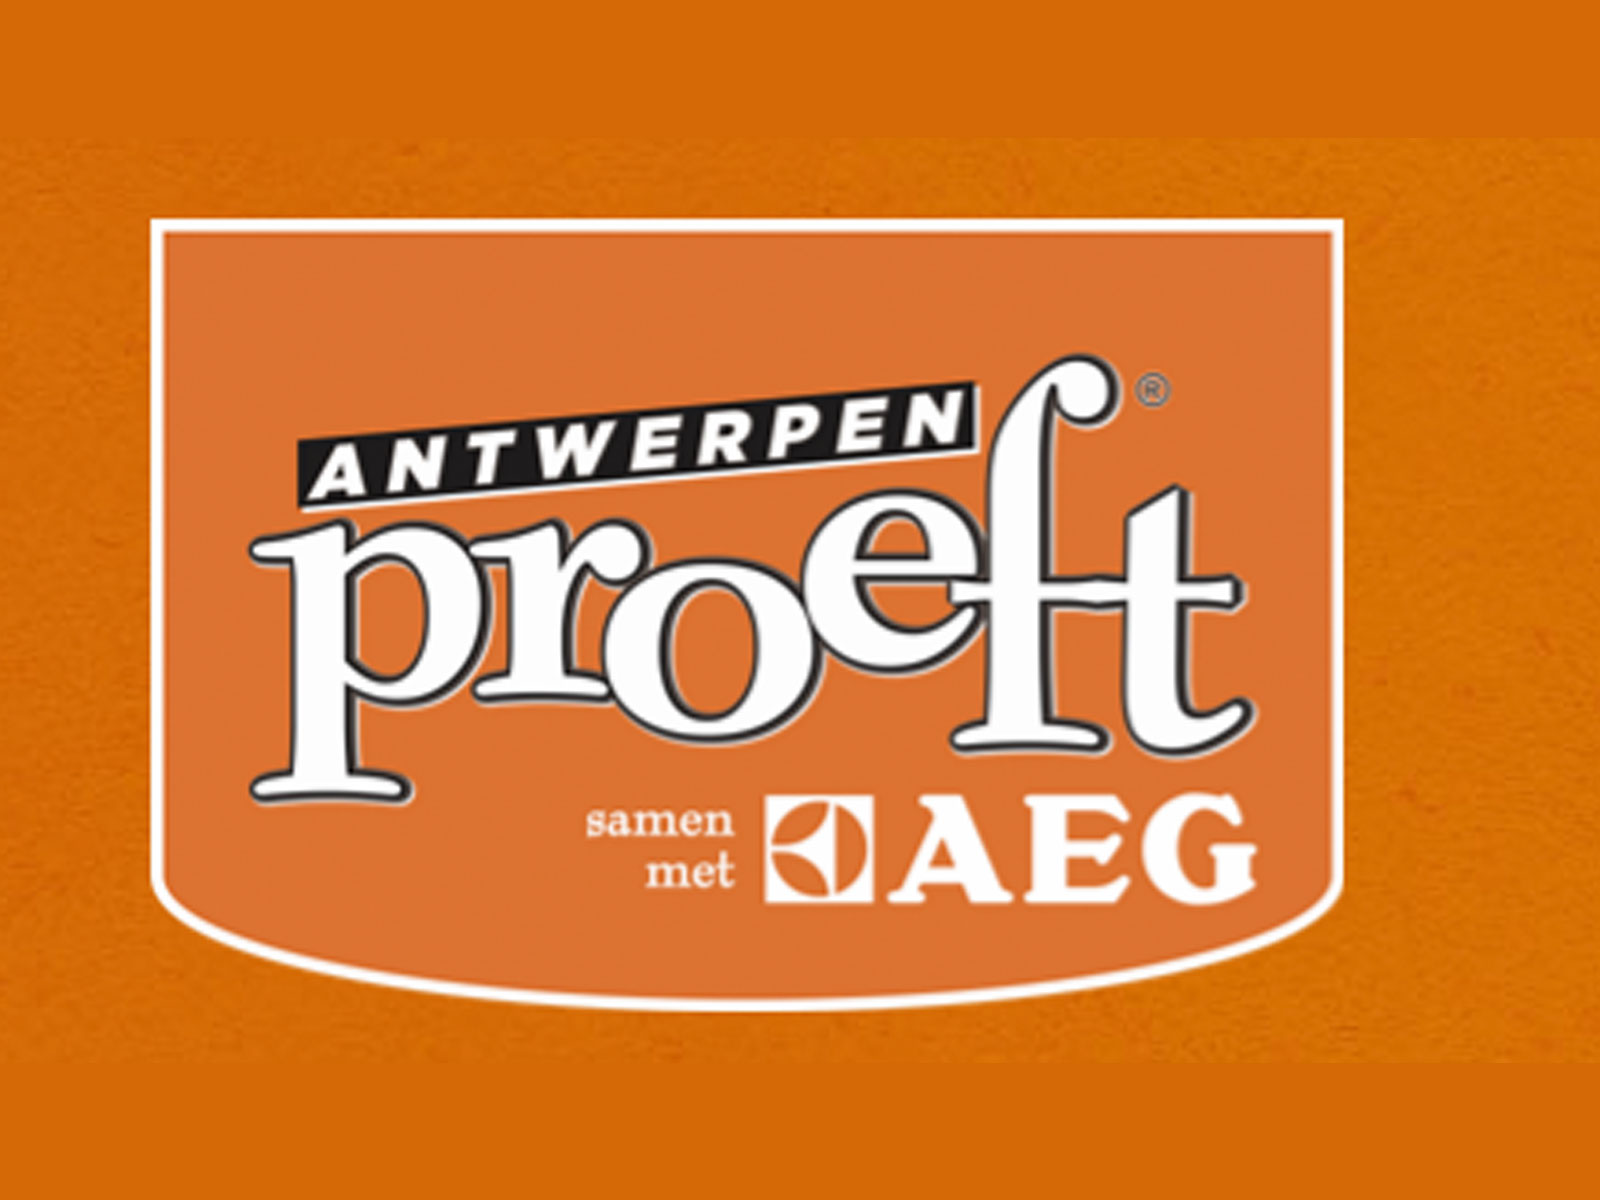 Must do: Antwerpen Proeft